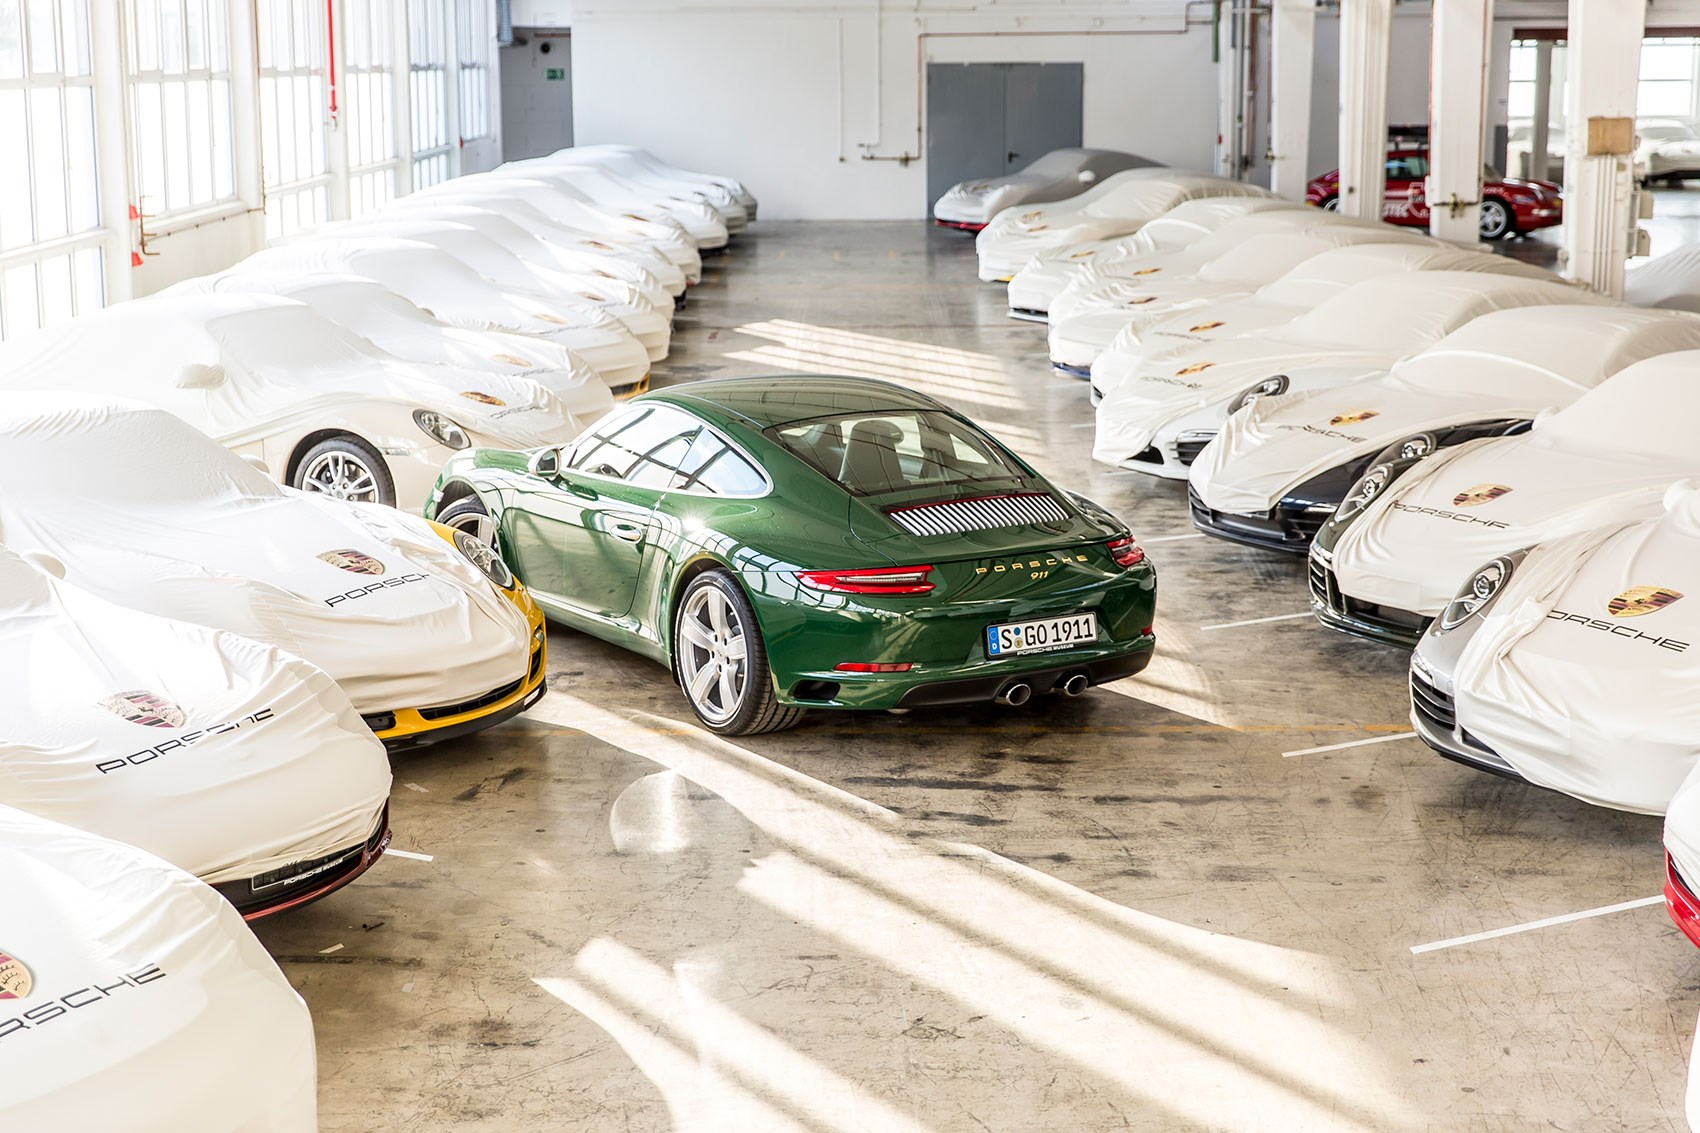 One Millionth Porsche 911 is an Irish Green Carrera S